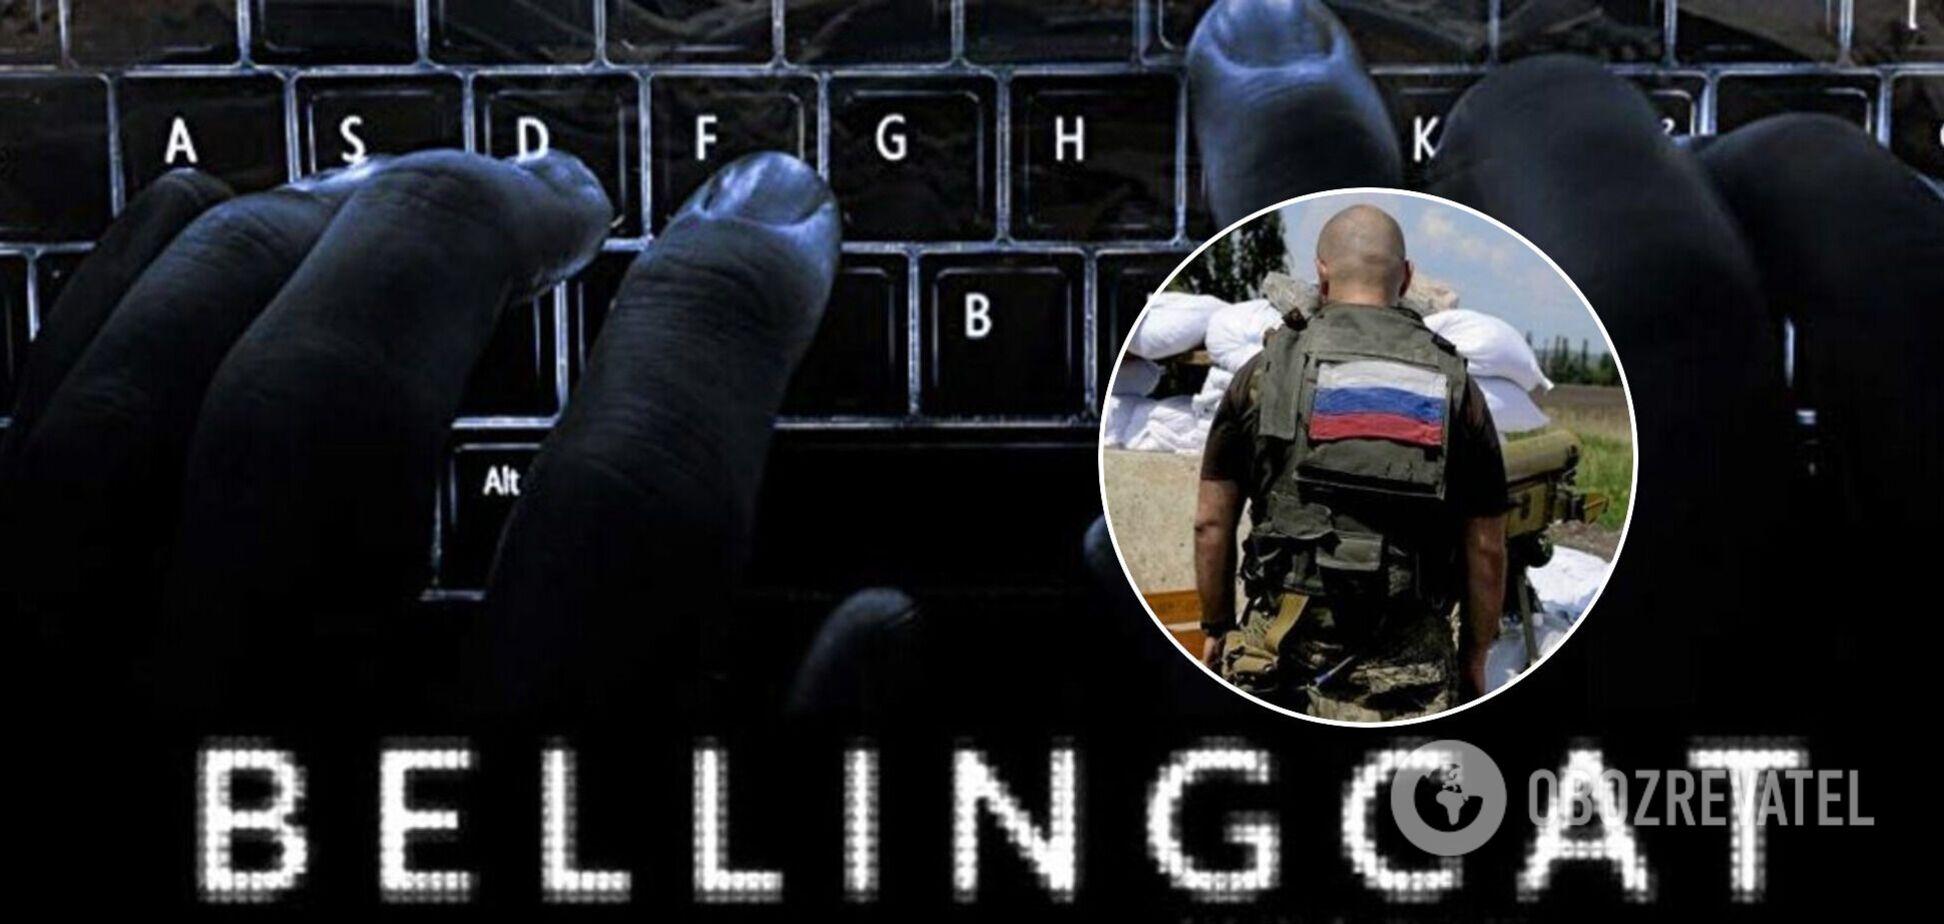 У Конгресі США розповіли про розслідування Bellingcat щодо РФ